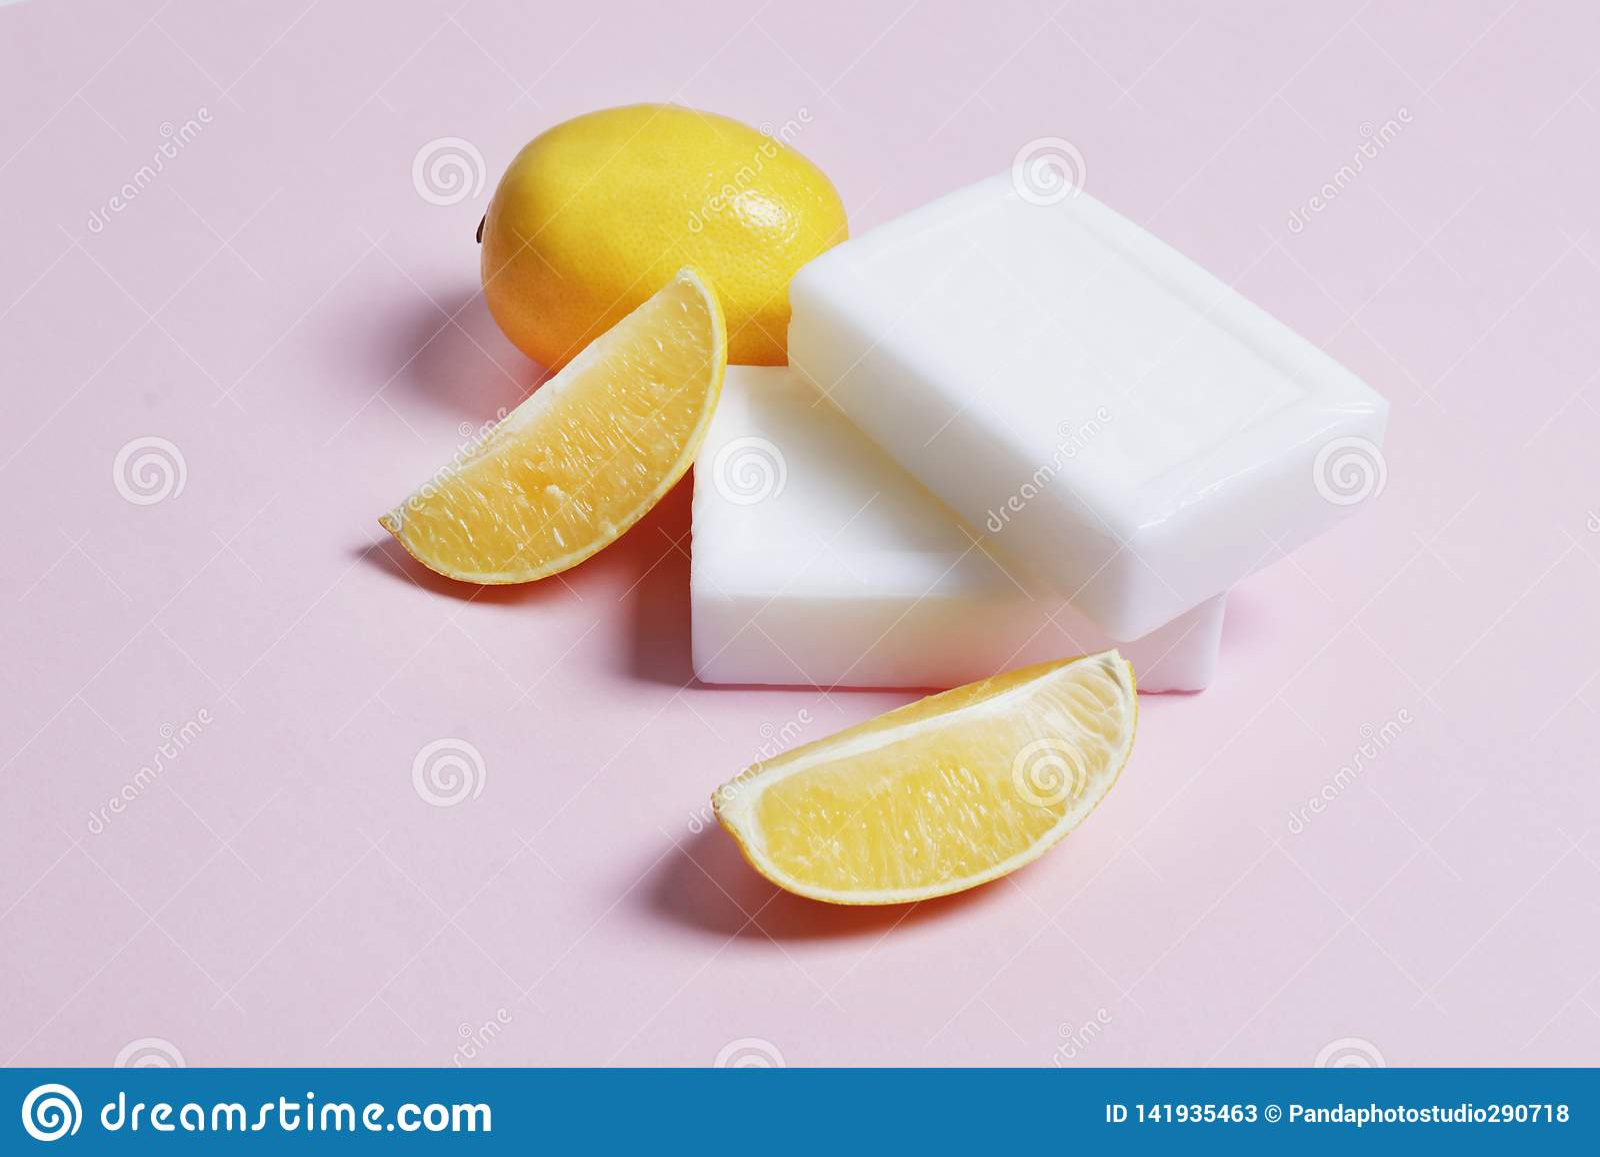 Citrontvål för tvätt och att bleka av saker på en rosa bakgrund